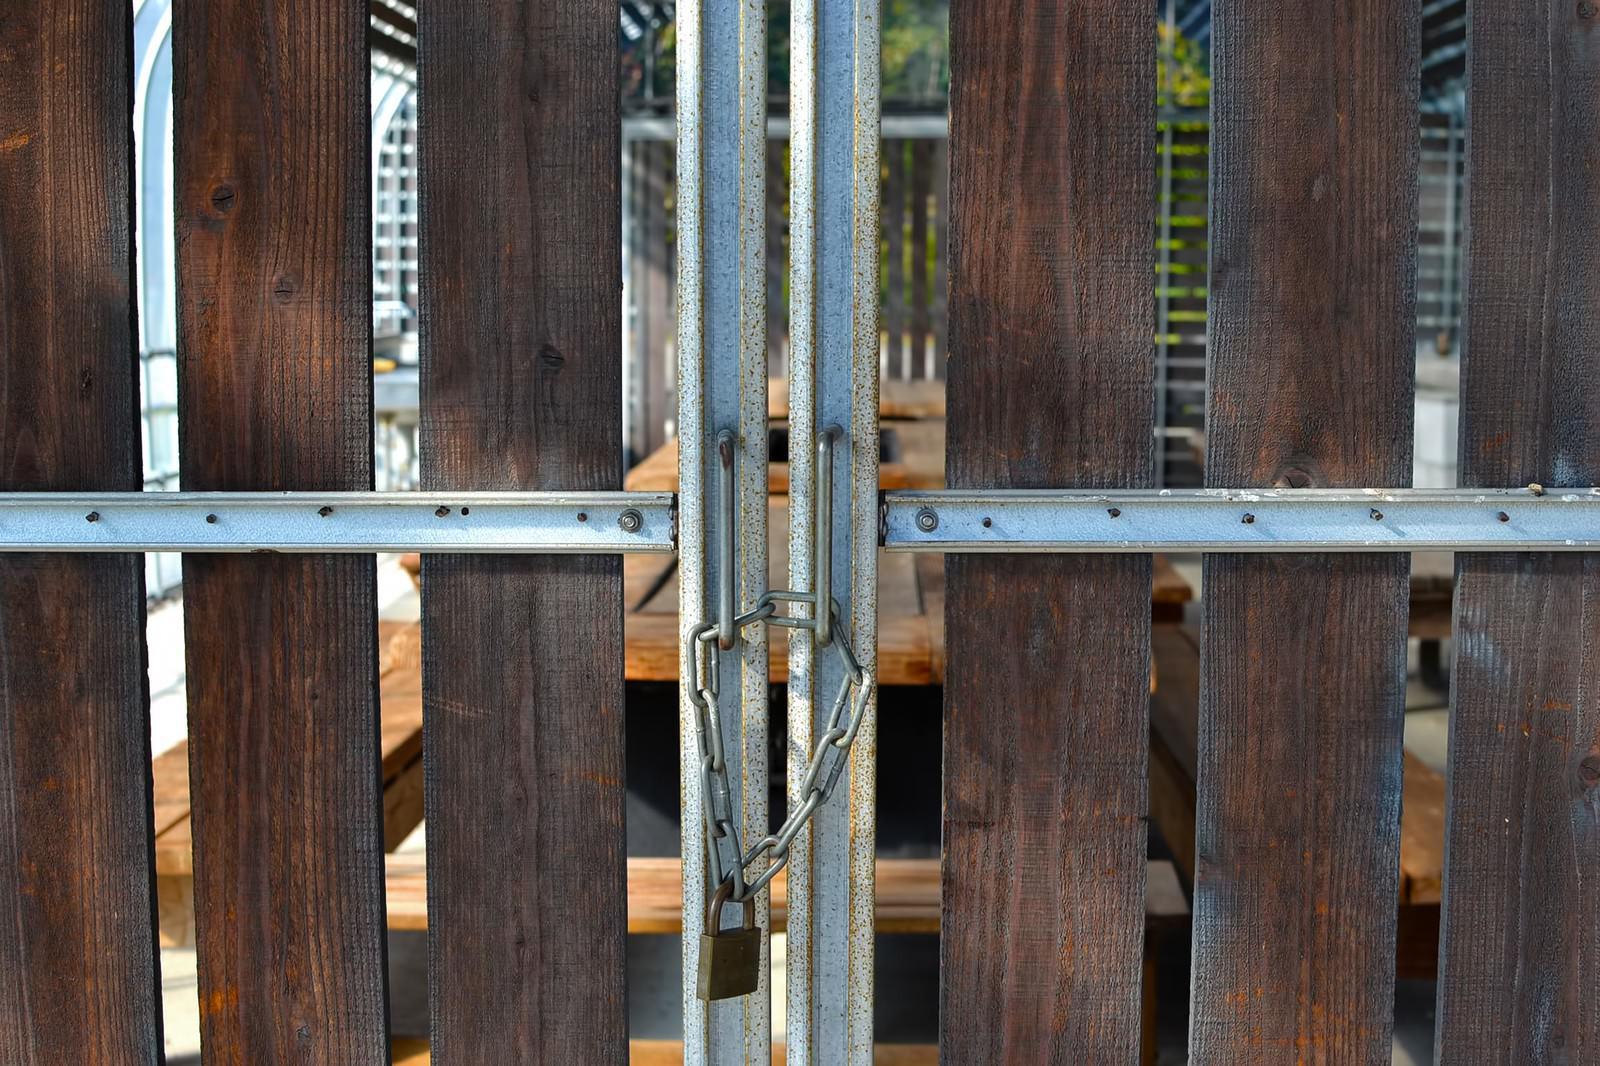 「鎖がつけられた格子」の写真